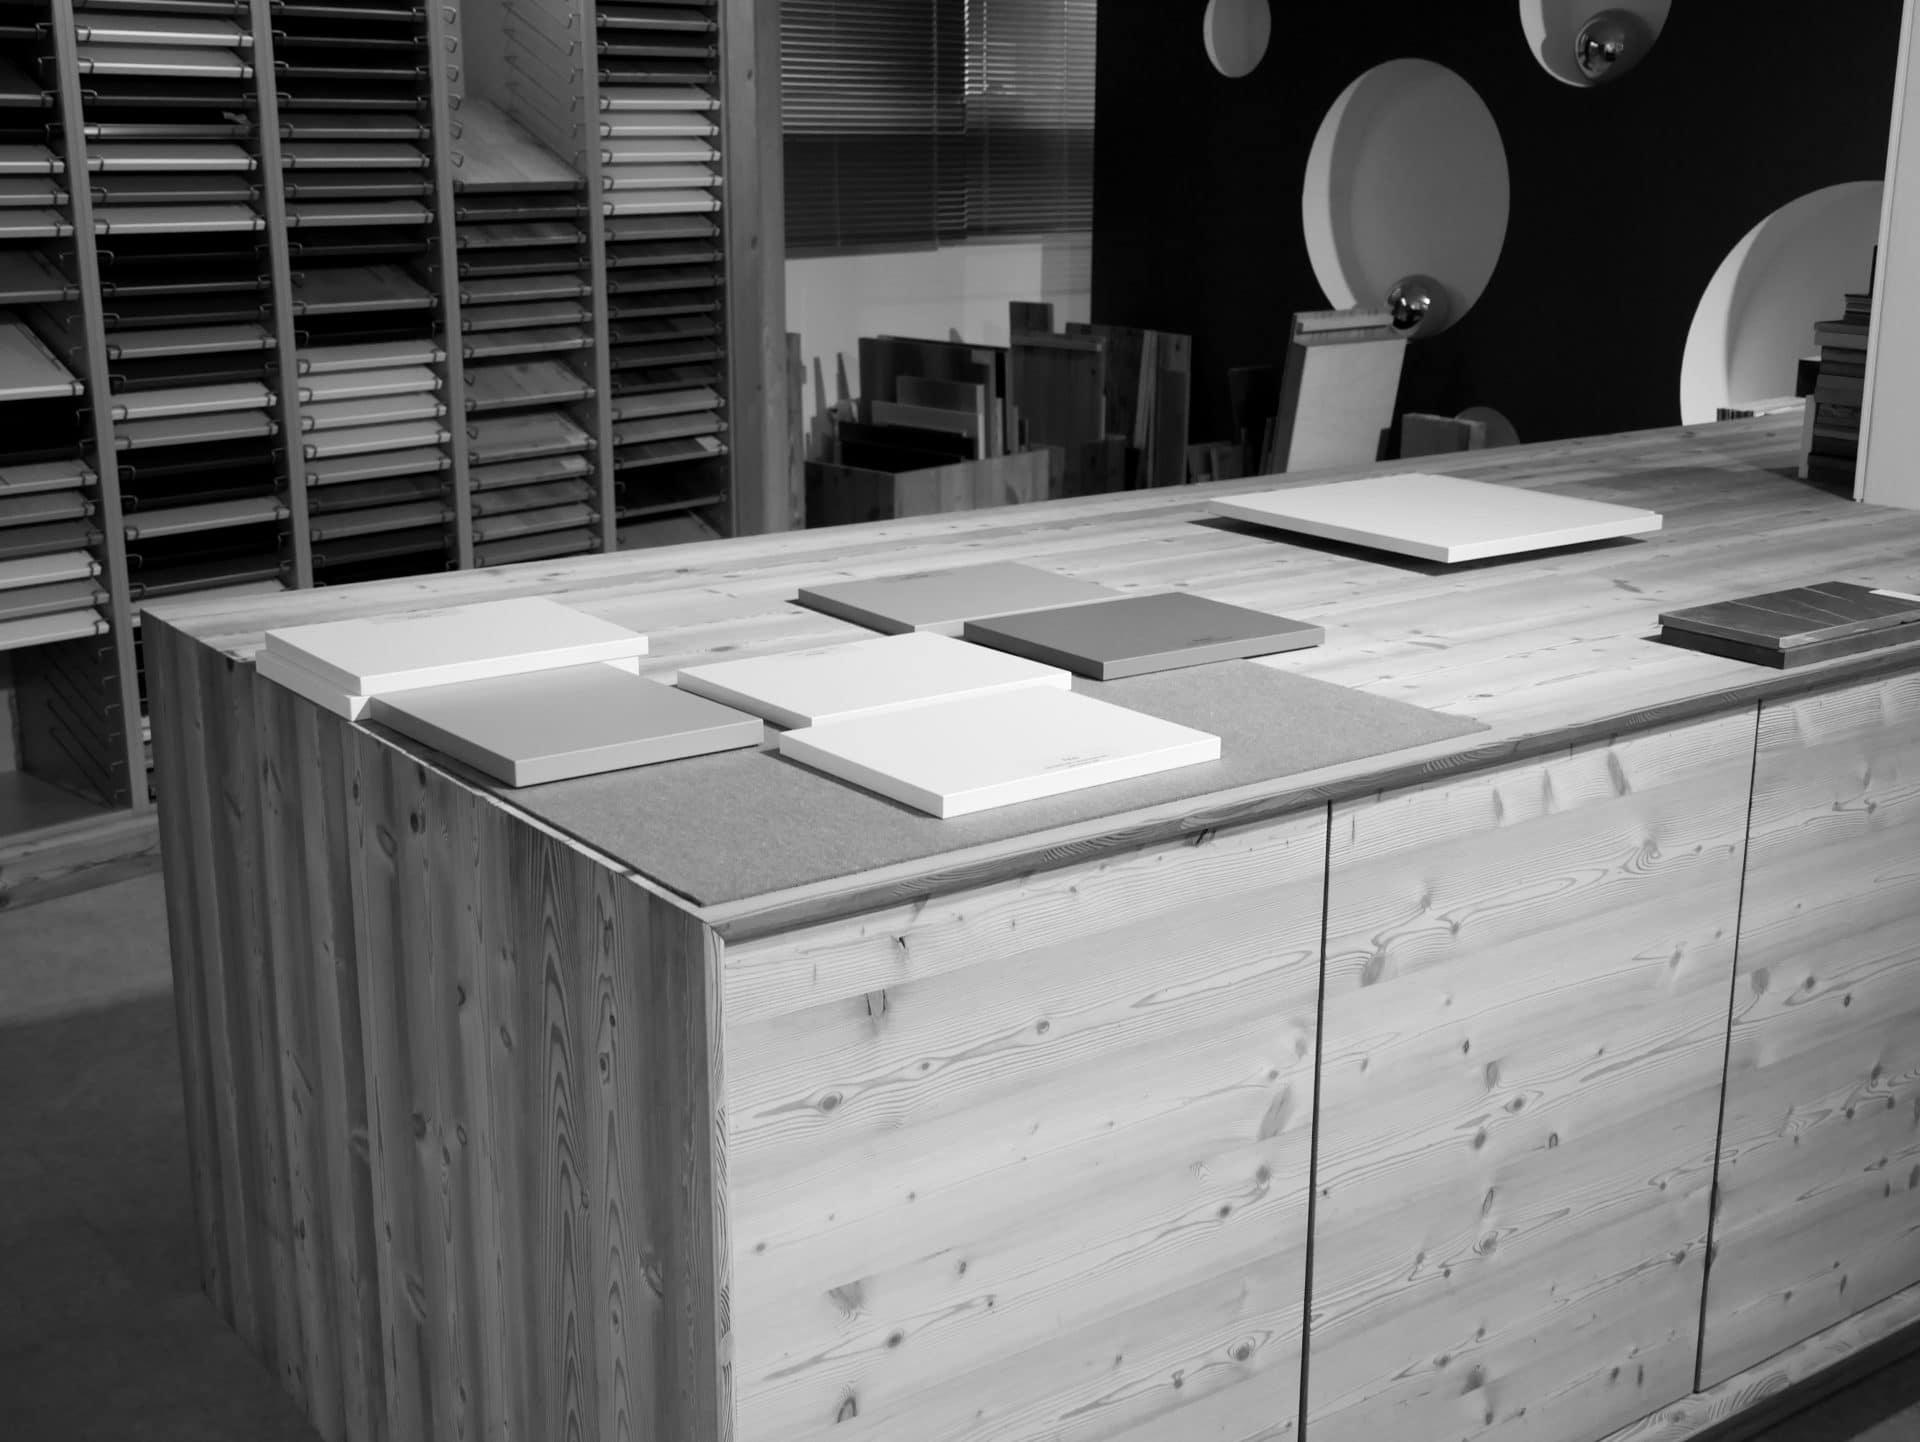 Showroom von Schreinerei und Planungsbüro VOIT in Markt Schwaben, Materialauswahlbereich mit verschiedensten Hölzern auf einem Tisch - Bild in schwarz-weiß